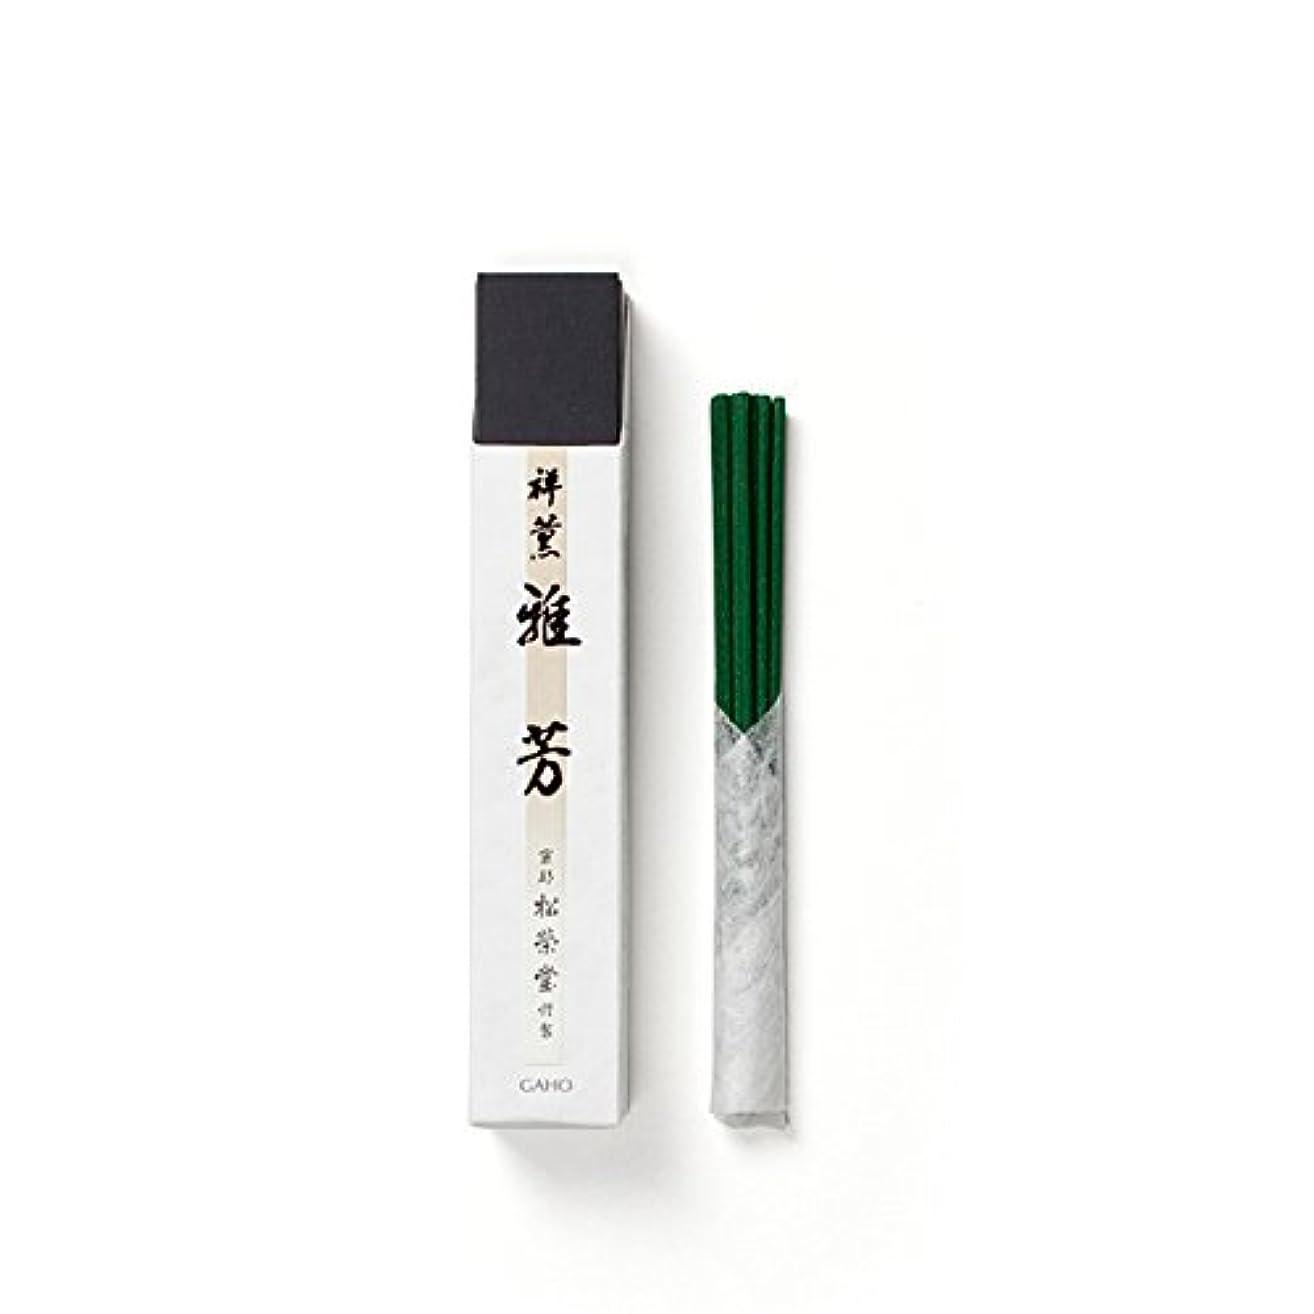 プレビスサイト複製する回る松栄堂のお香 祥薫 雅芳 15本入